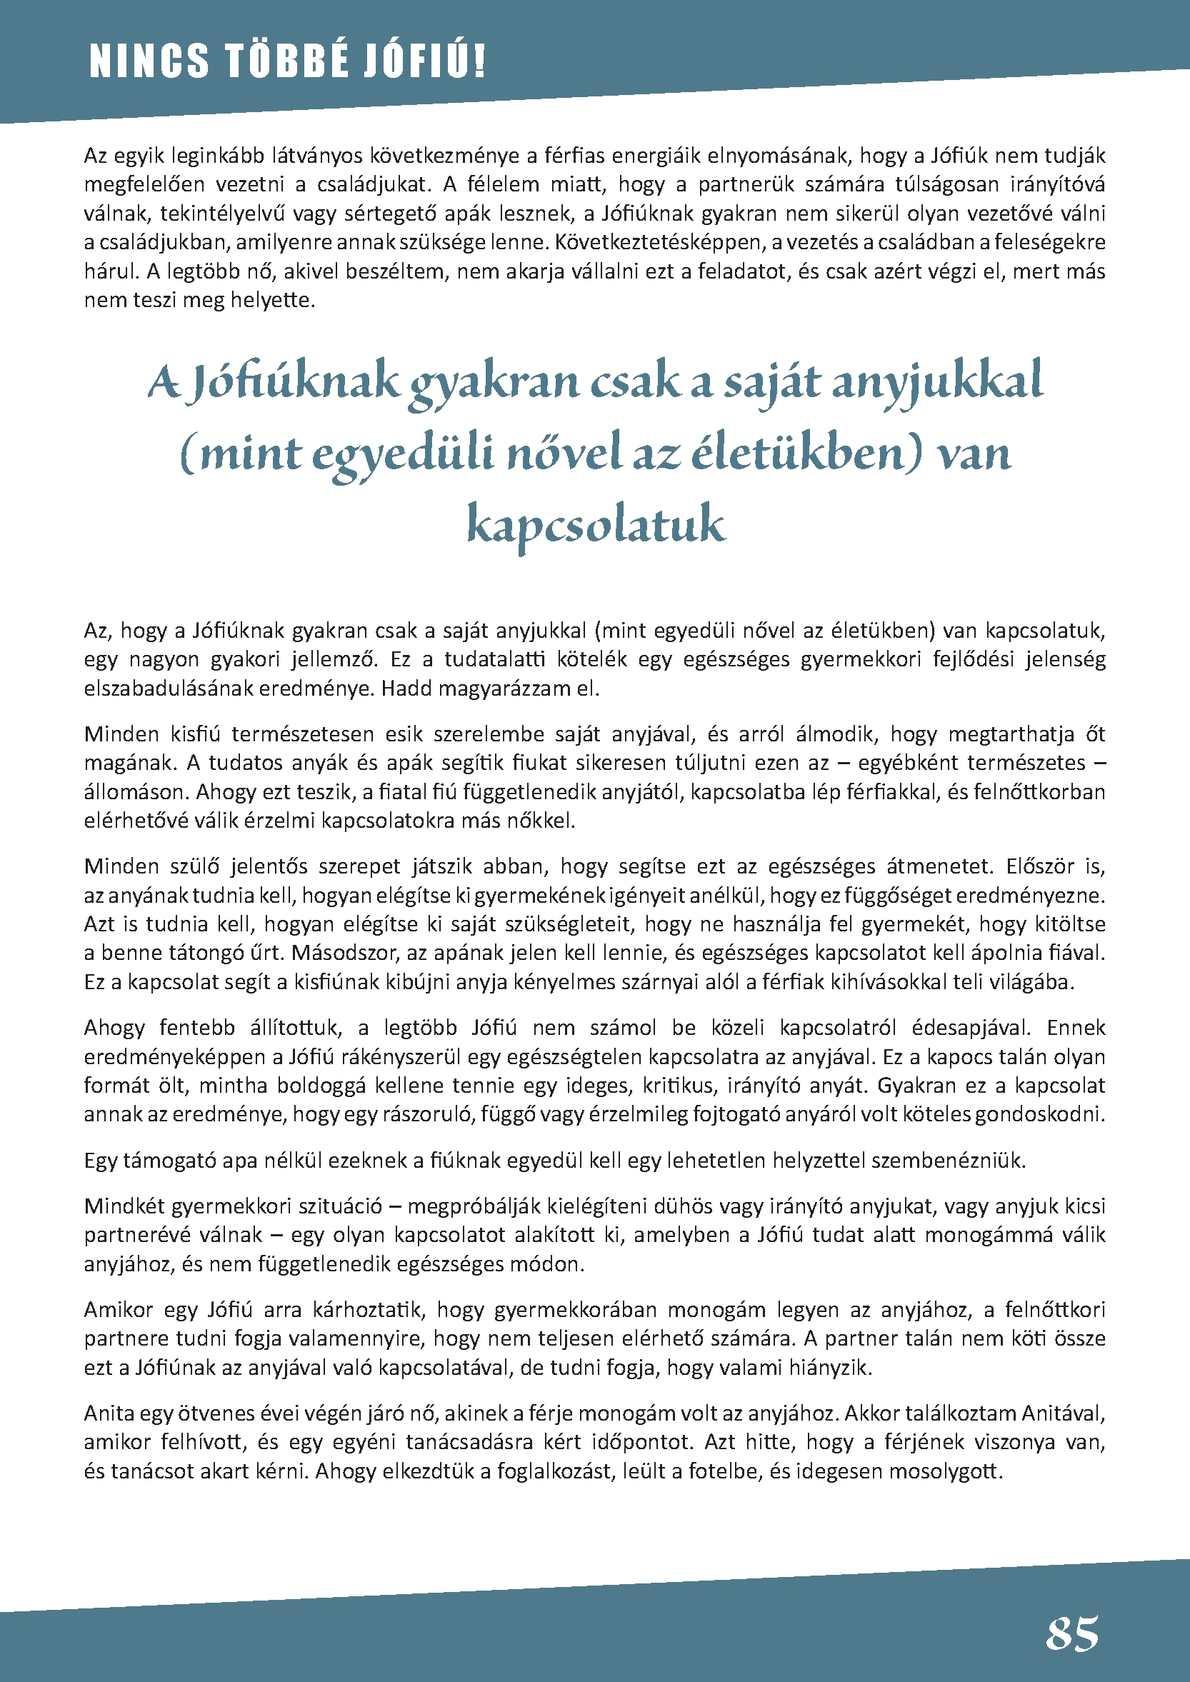 A Moderna is kérni fogja az európai jóváhagyást a fiatalok oltóanyagához